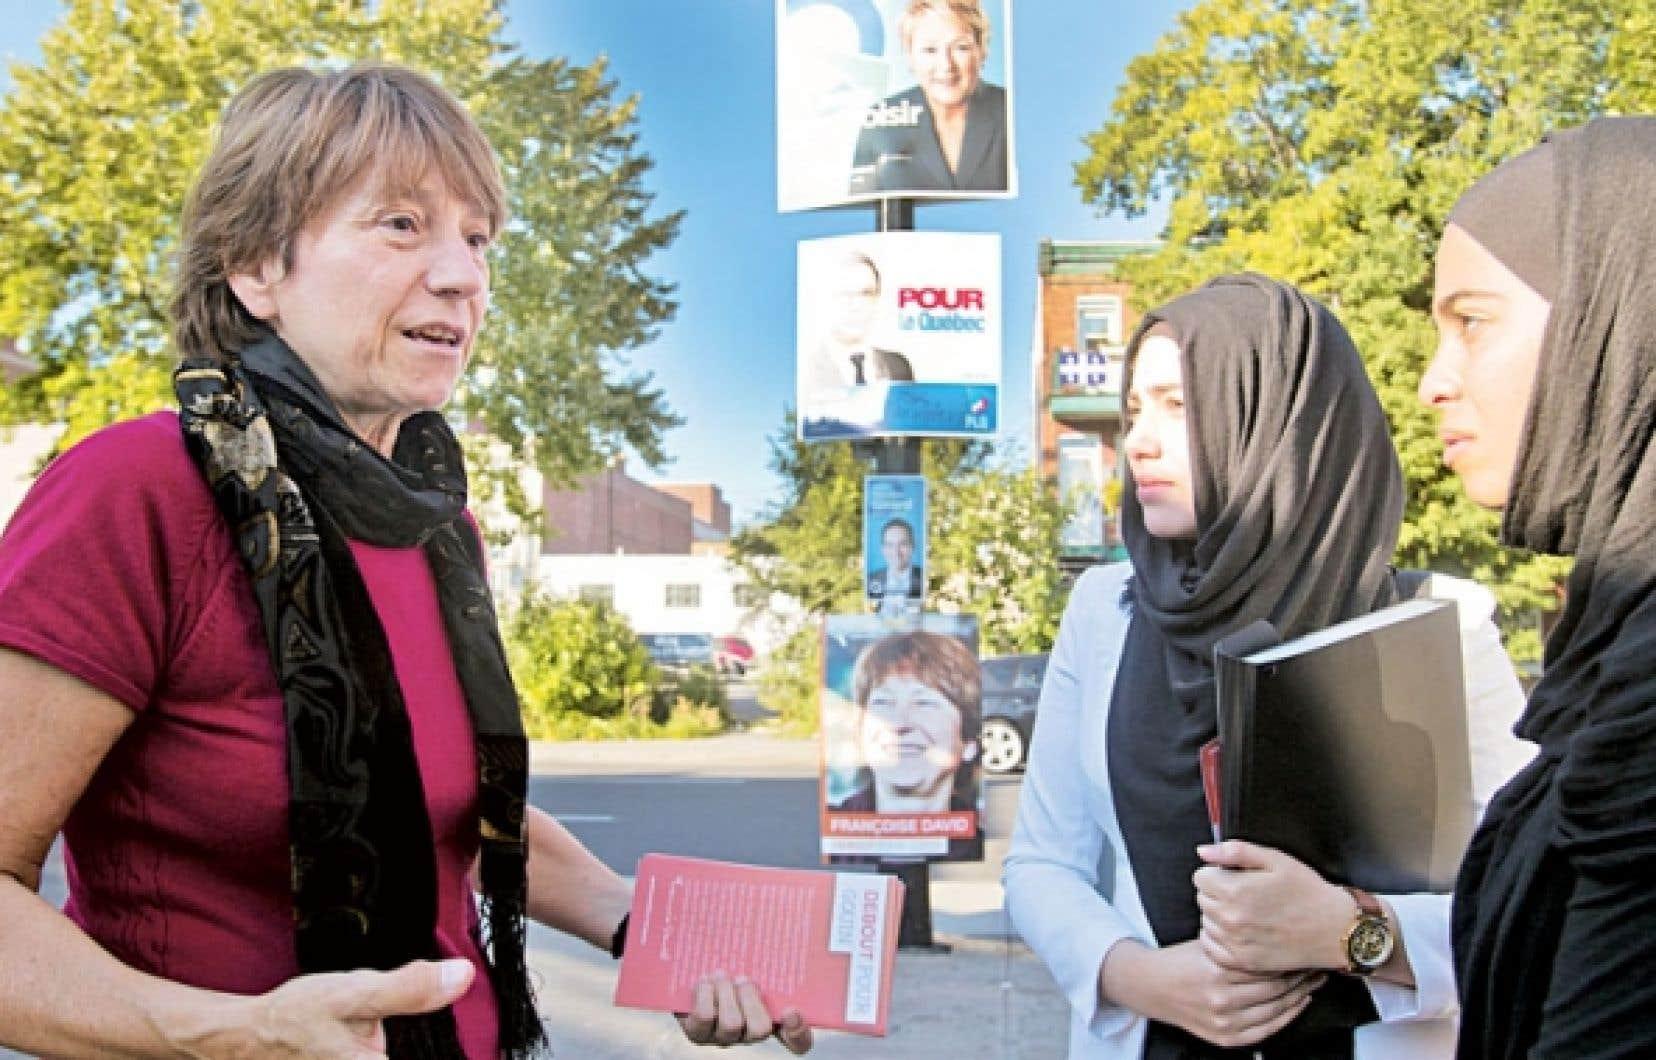 Rencontres Ottawa discret nouveau